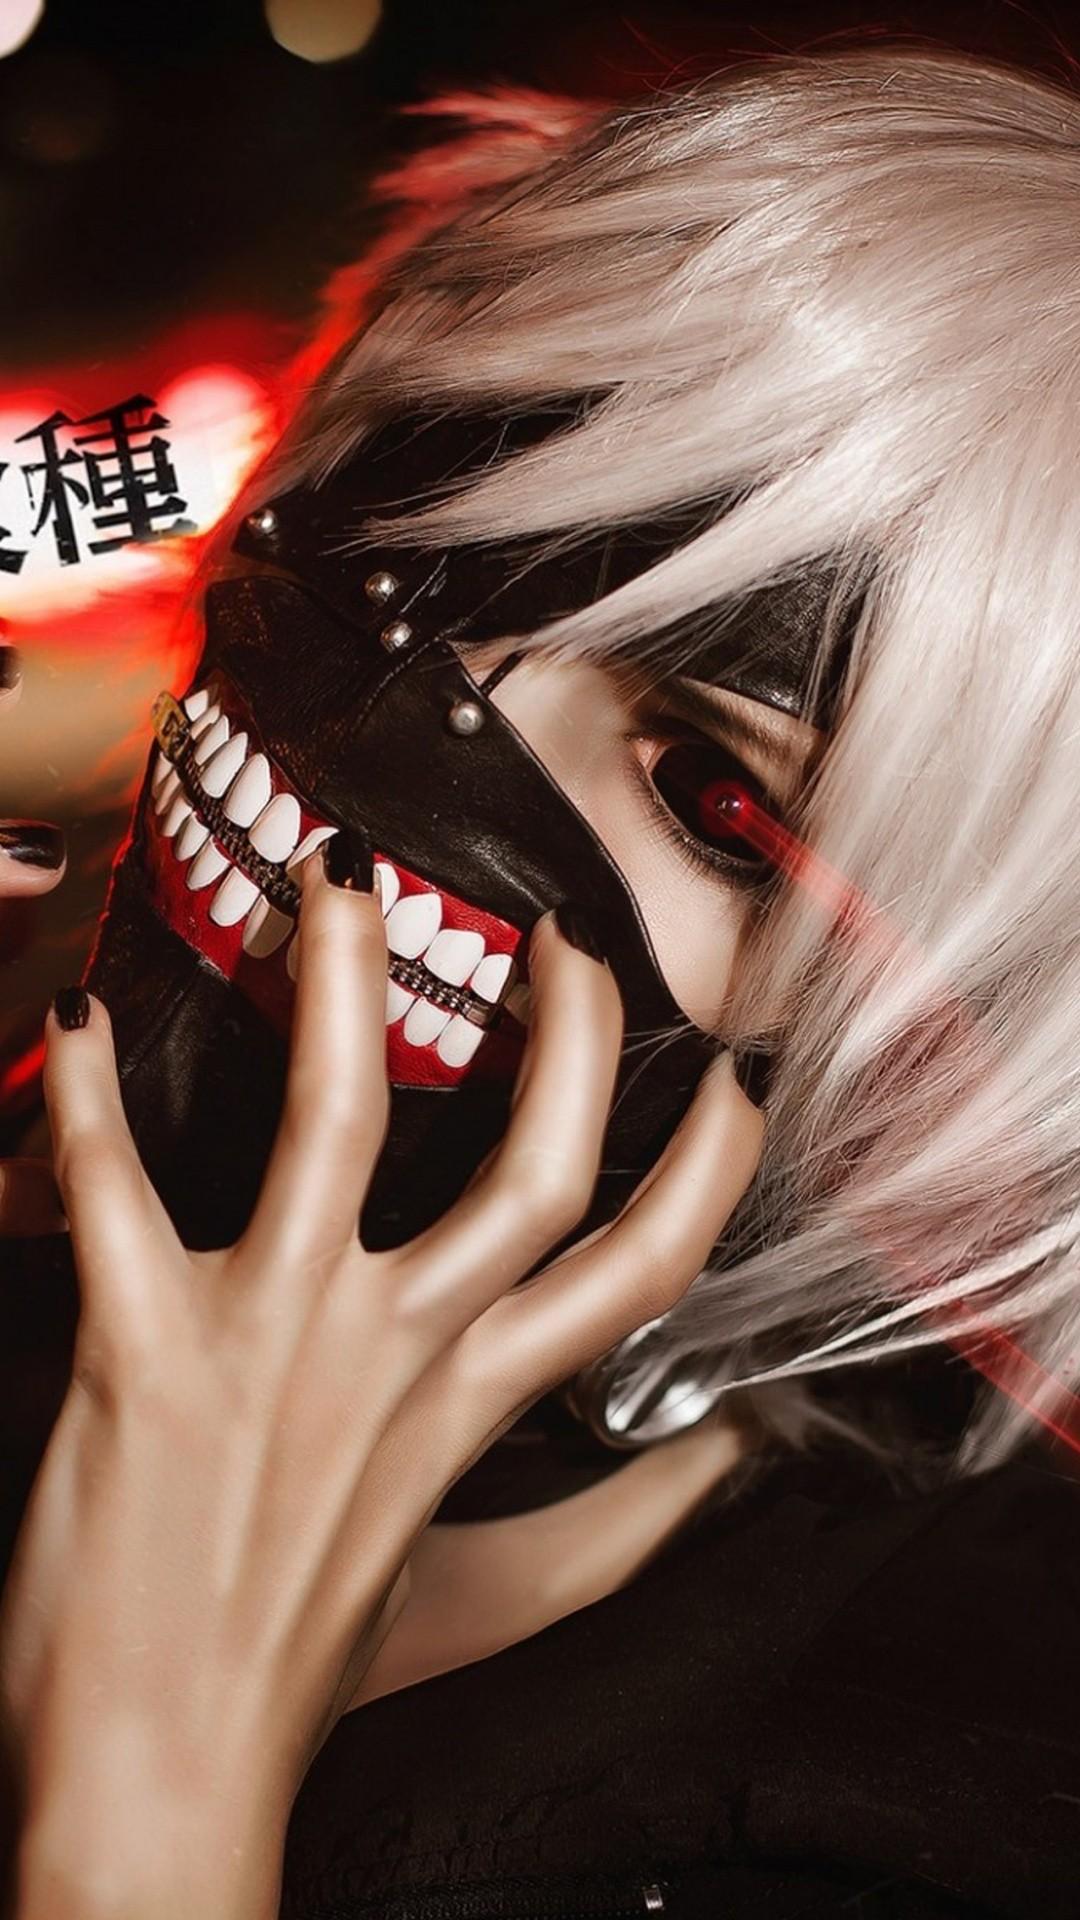 Tokyo Ghoul phone wallpaper